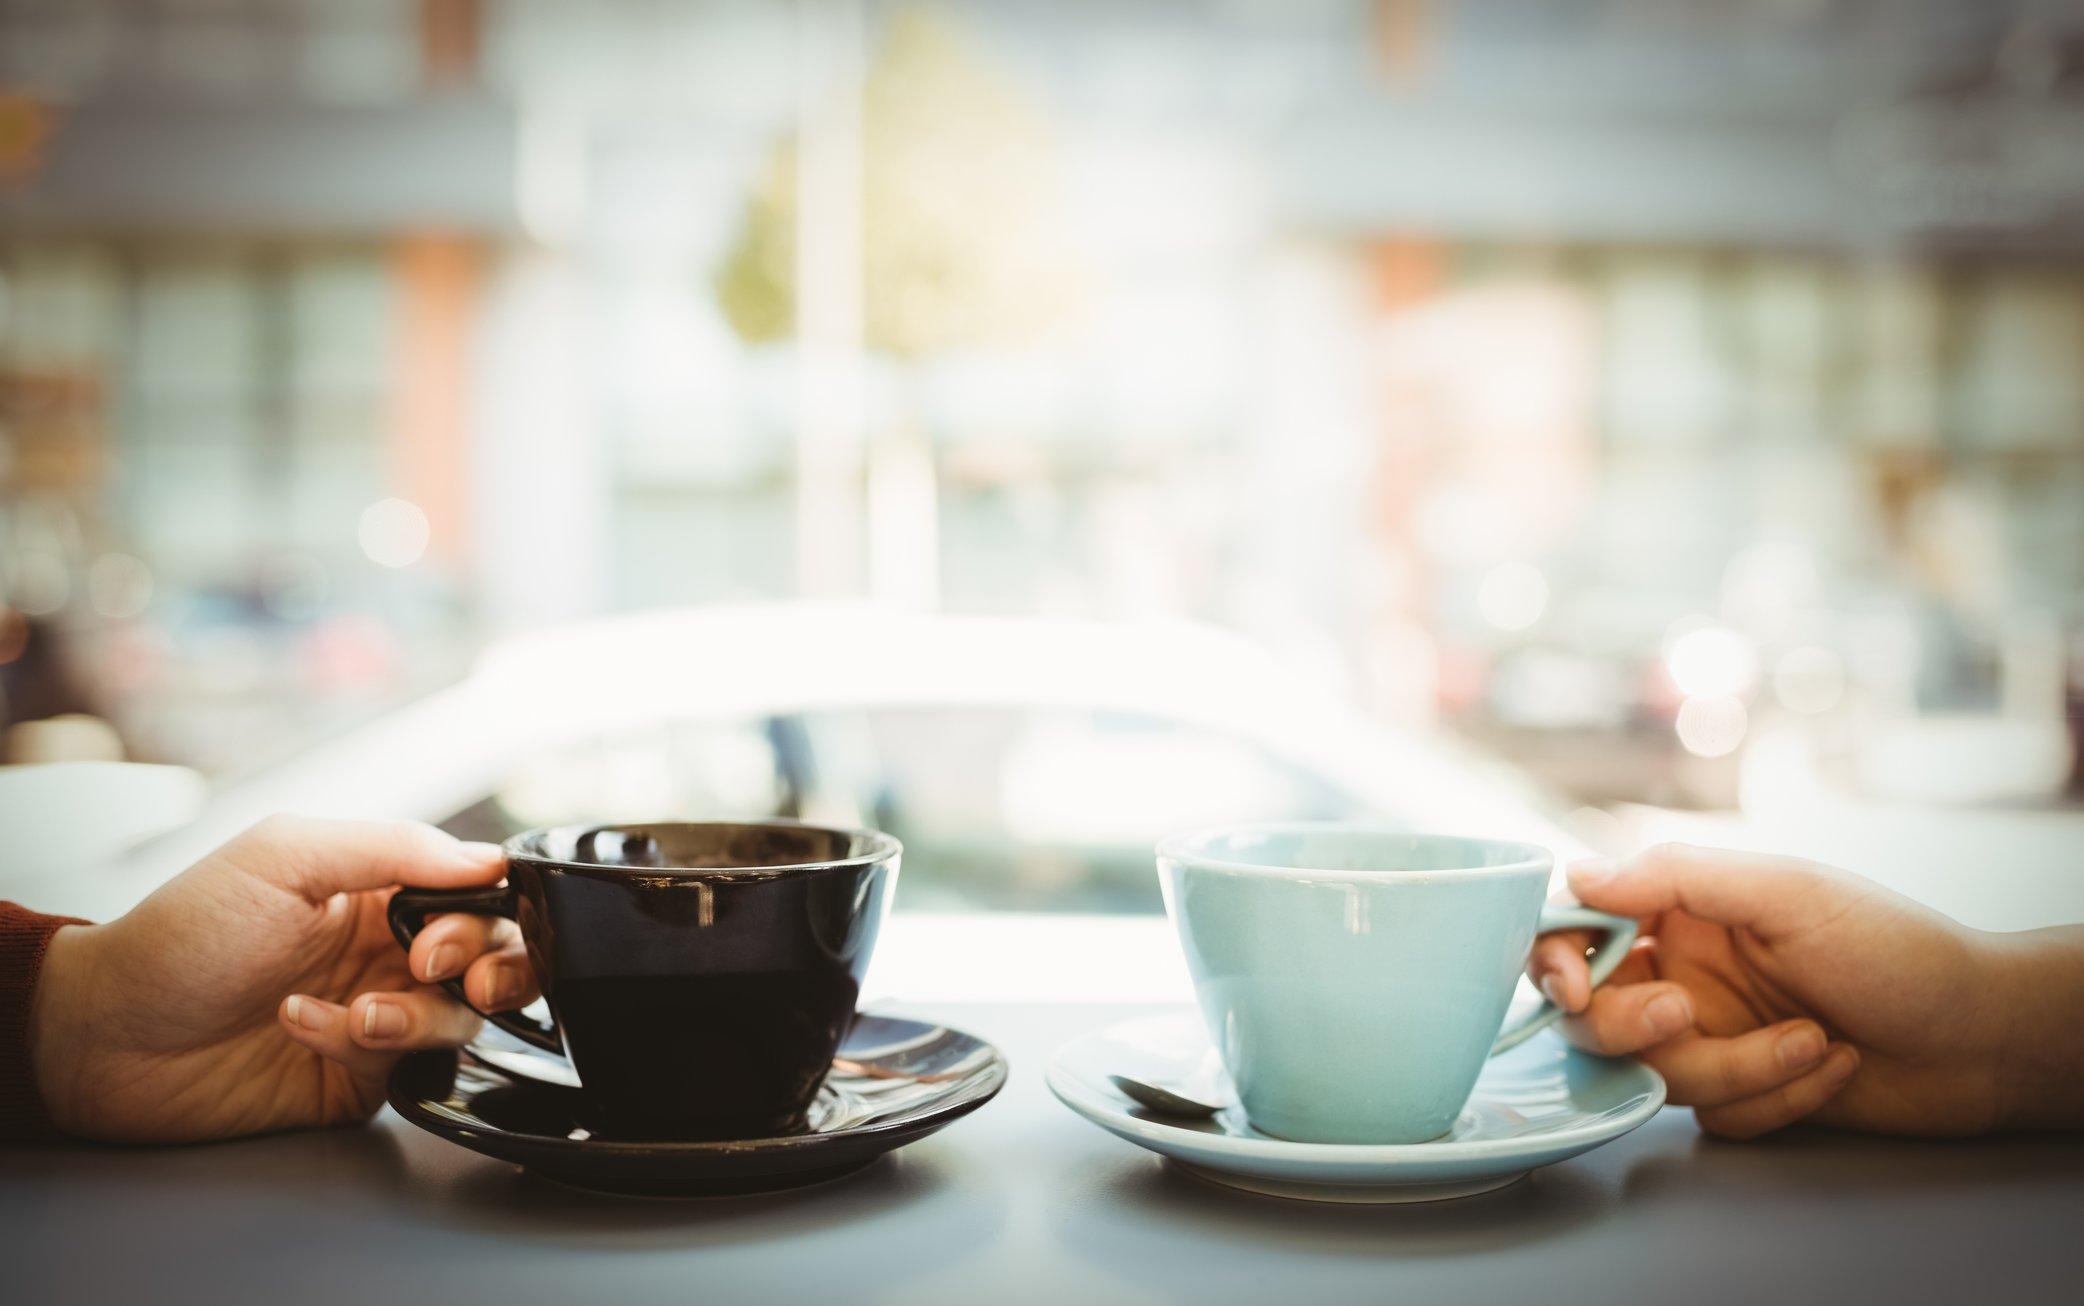 желанное приобретение две чашки кофе фото и разговоры москве загорелись